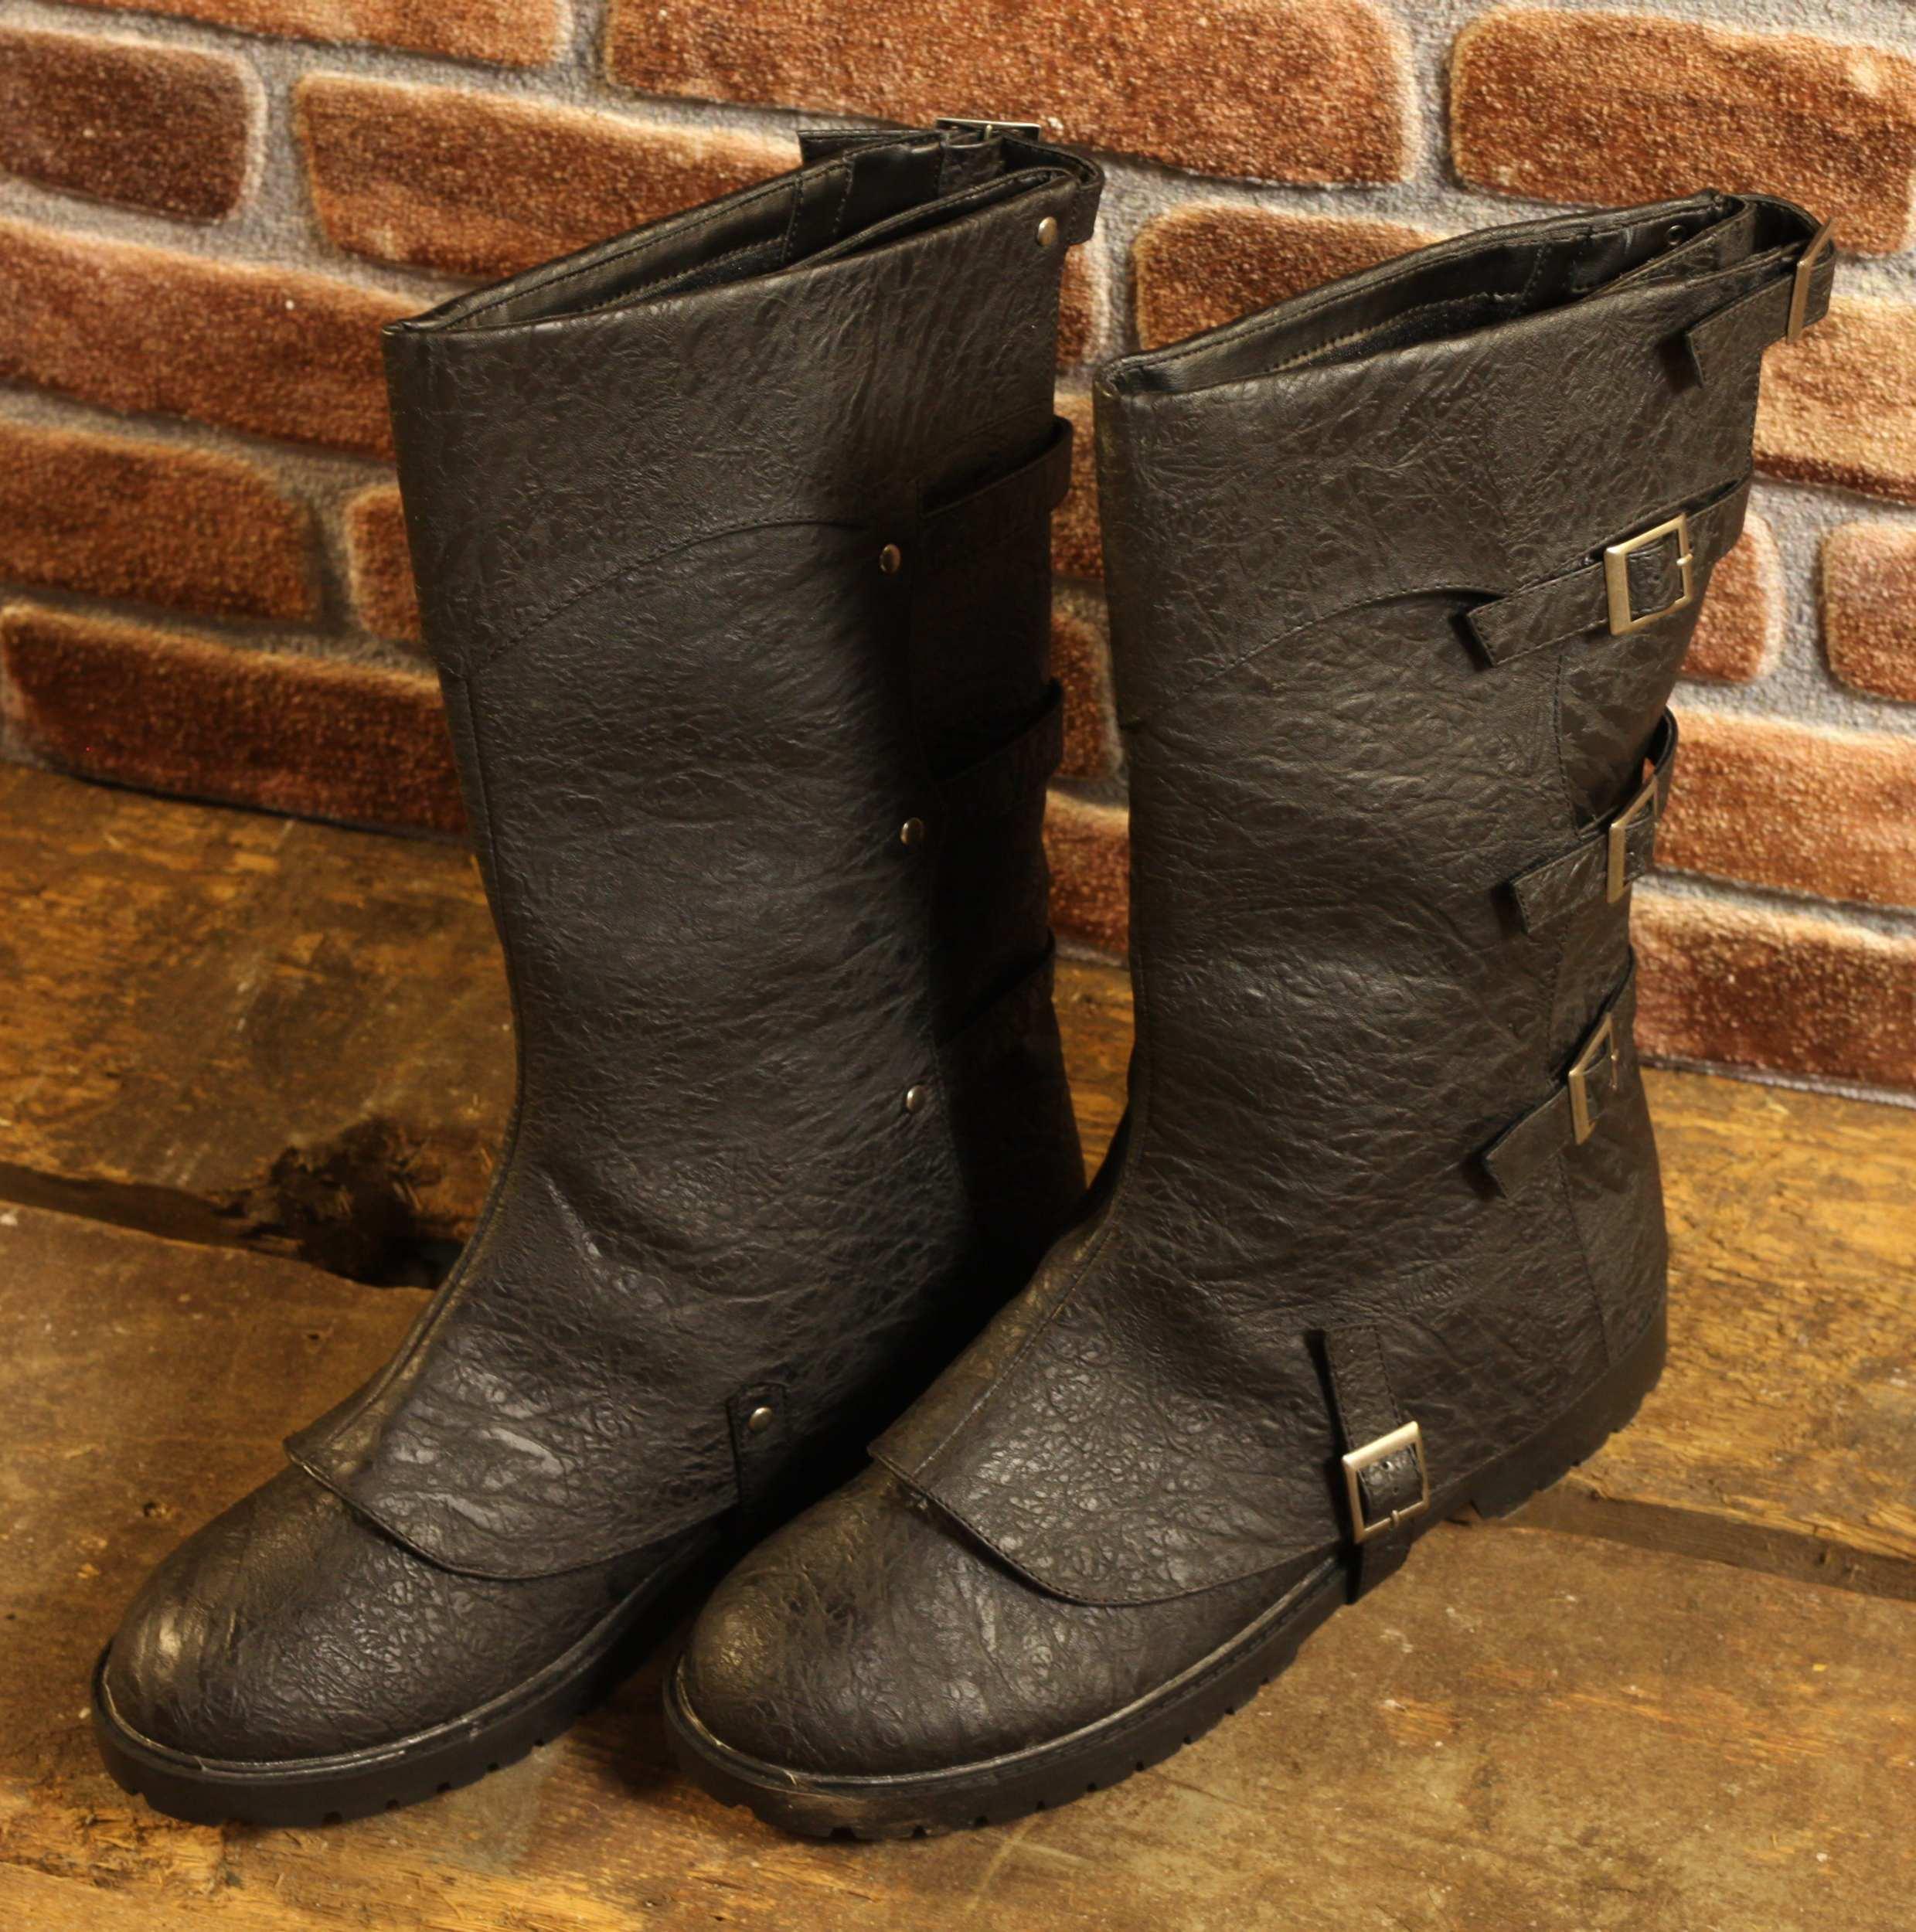 Suchergebnis auf für: Gamaschen Stiefel Herren